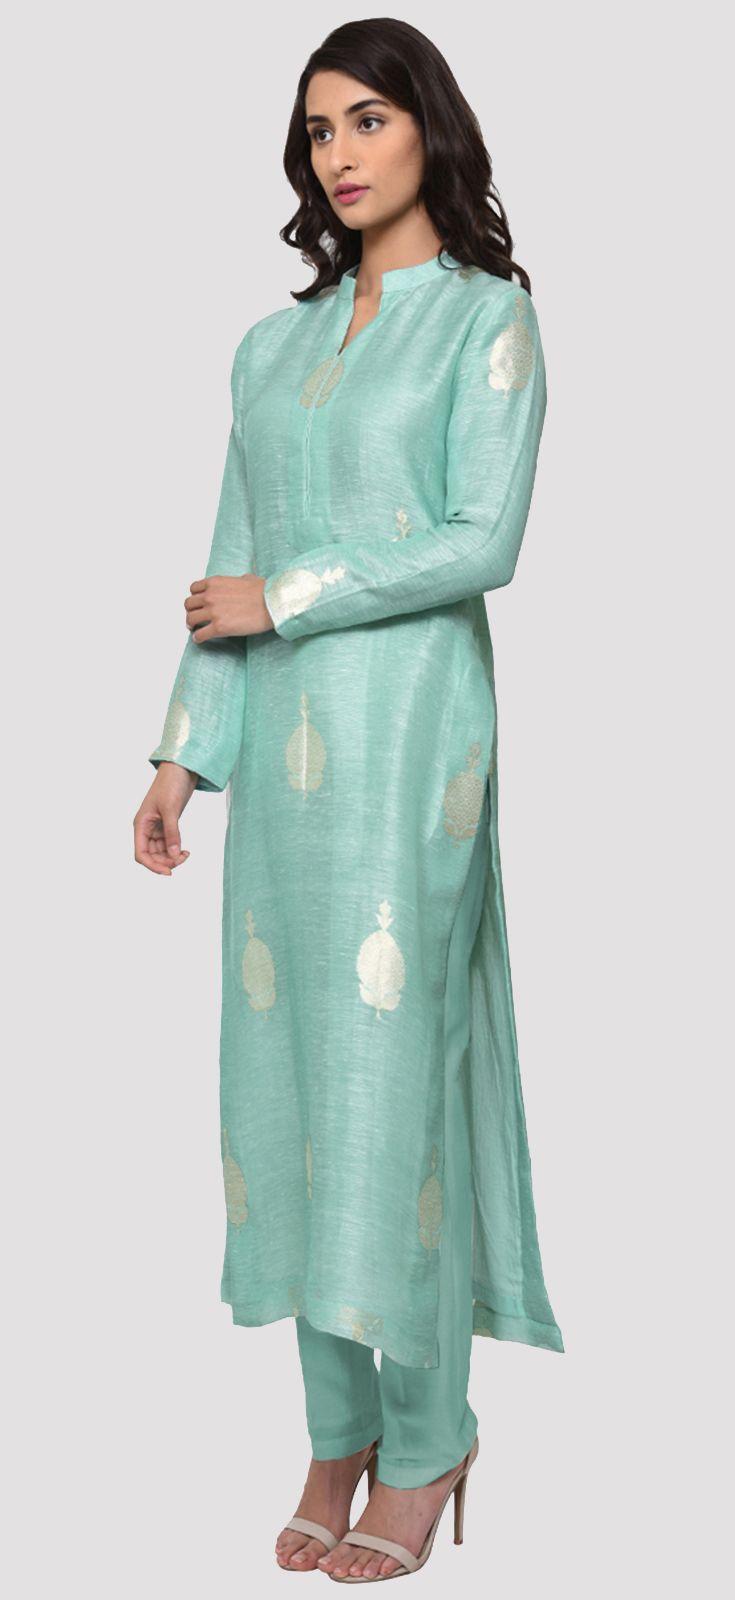 Limpet shell banarasi zari handwoven silk linen kurta